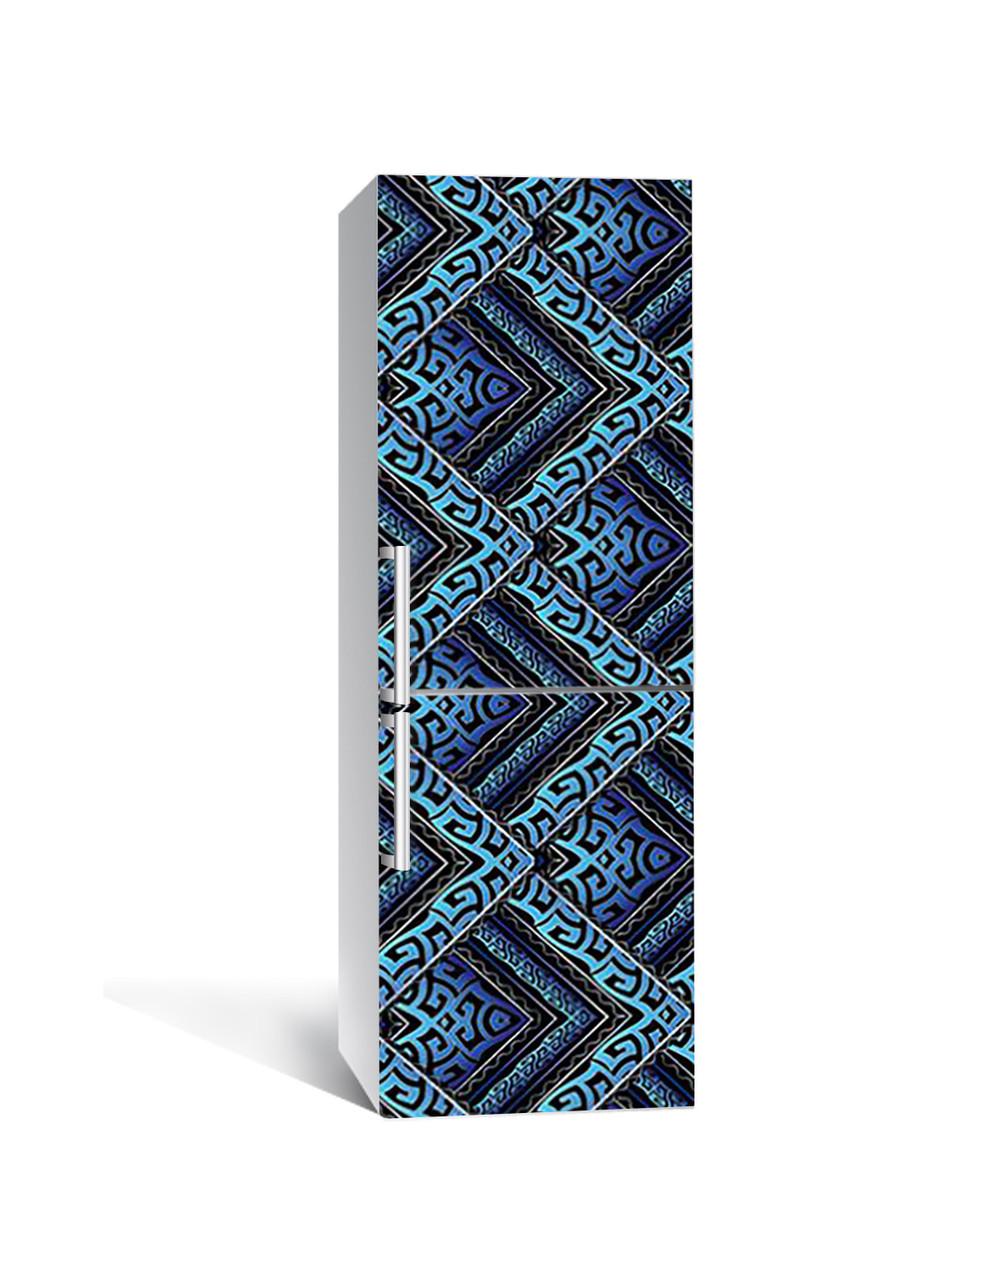 Вінілова наклейка на холодильник 3Д Бірюзовий орнамент (плівка ПВХ фотодрук) 65*200см Геометрія Синій